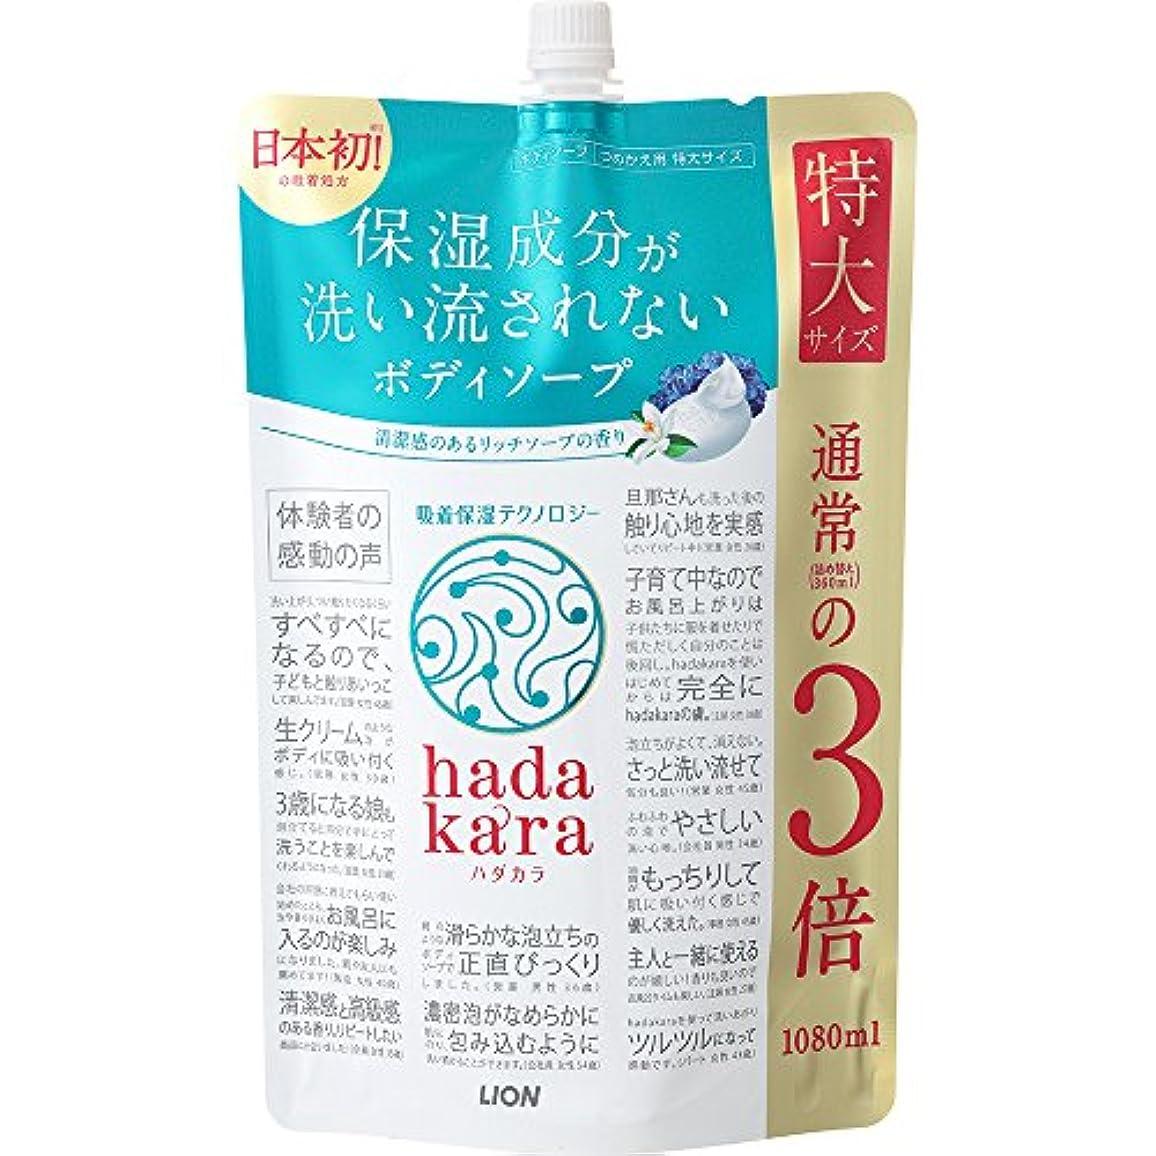 降臨近代化する温度計【大容量】hadakara(ハダカラ) ボディソープ リッチソープの香り 詰め替え 特大 1080ml